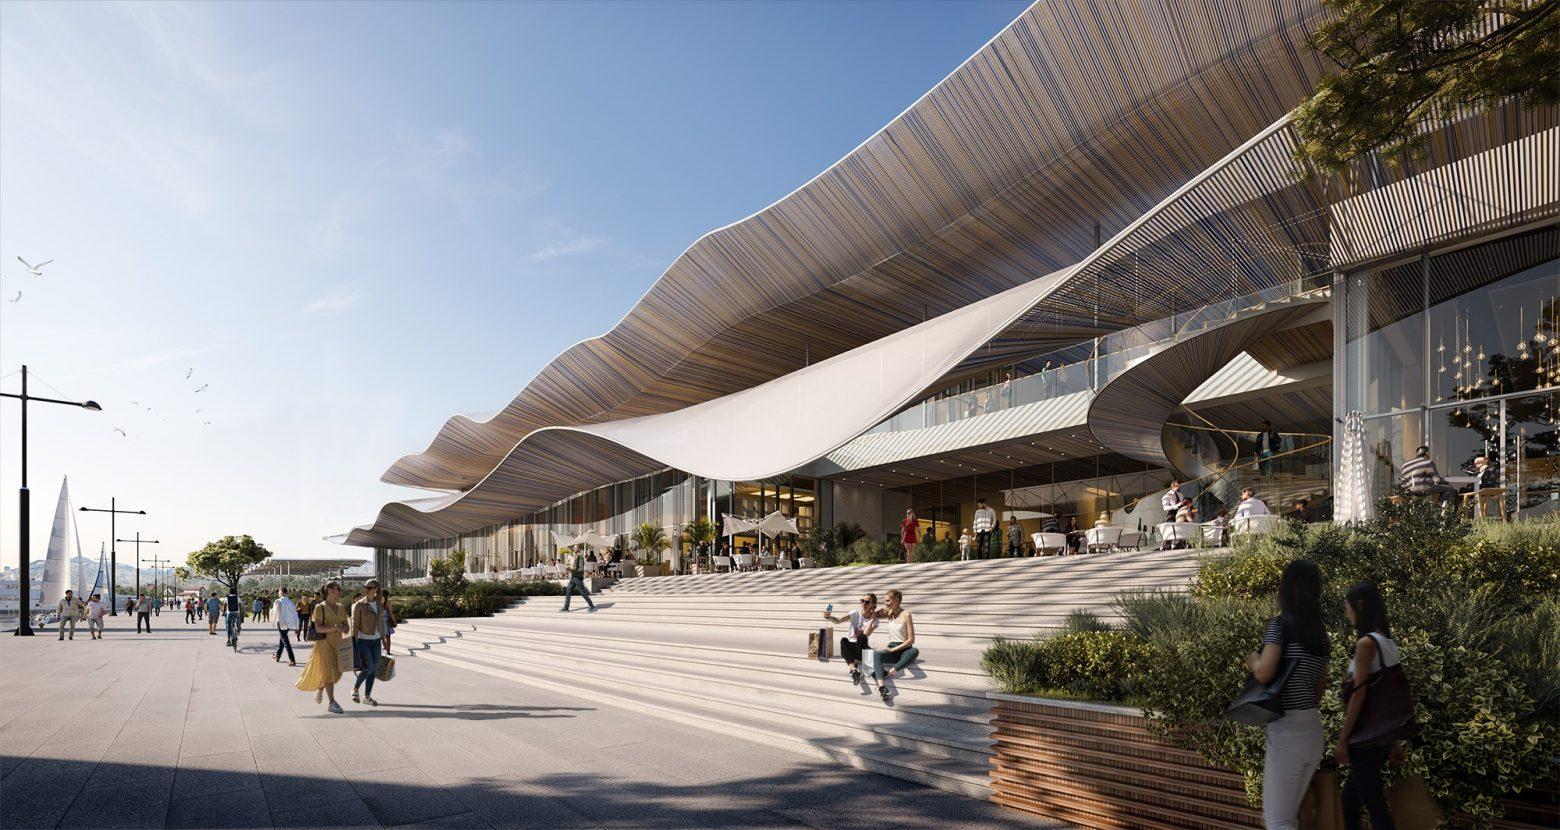 Η Lamda Development παρουσιάζει το παράκτιο μέτωπο του Ελληνικού και τη Marina Galleria, τον νέο προορισμό στην Αθηναϊκή Ριβιέρα – Ειδήσεις – νέα